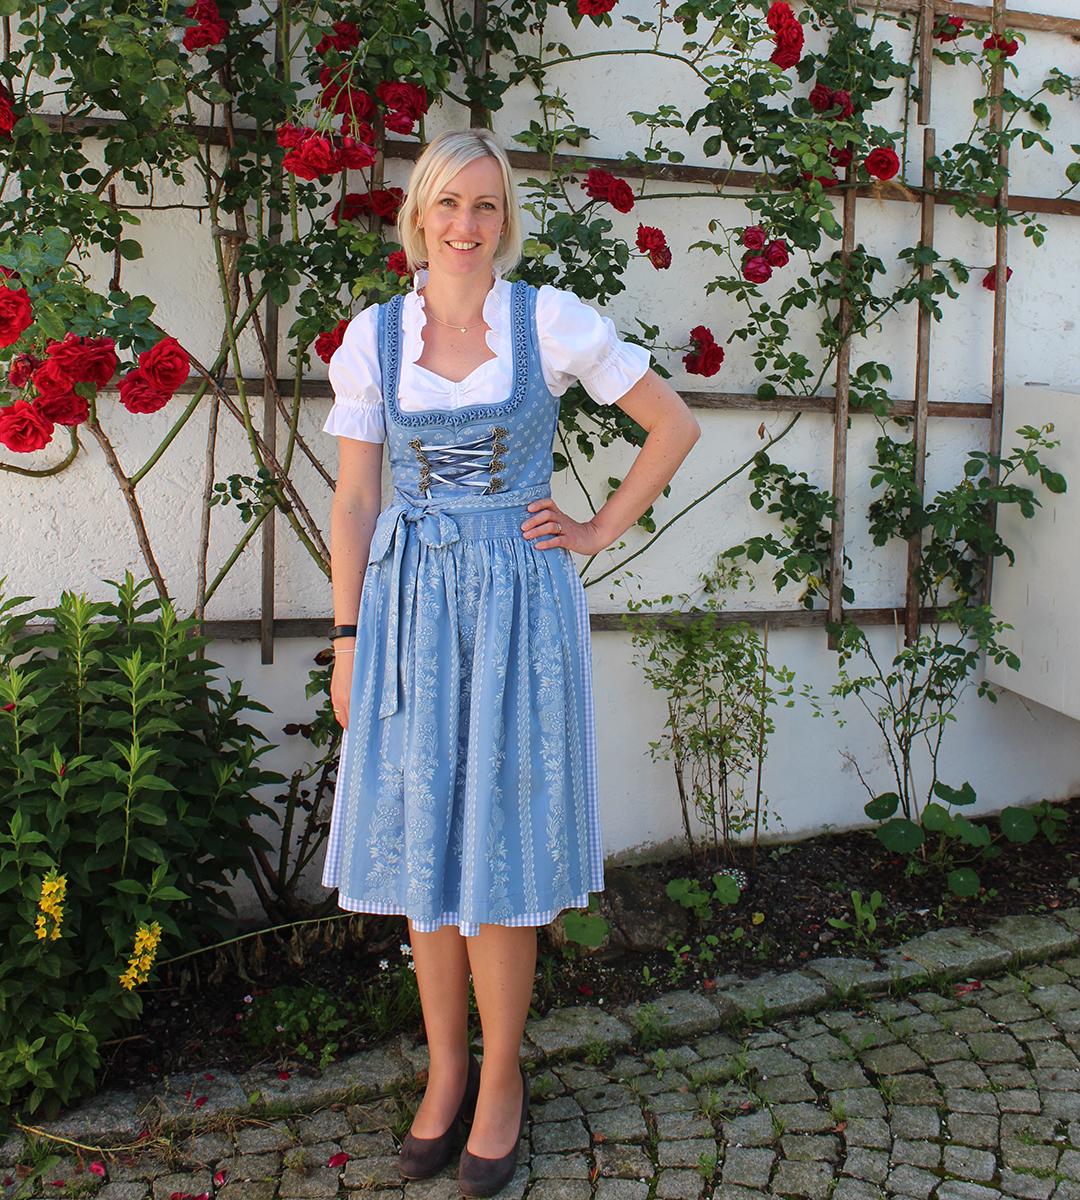 Barbara Sichert